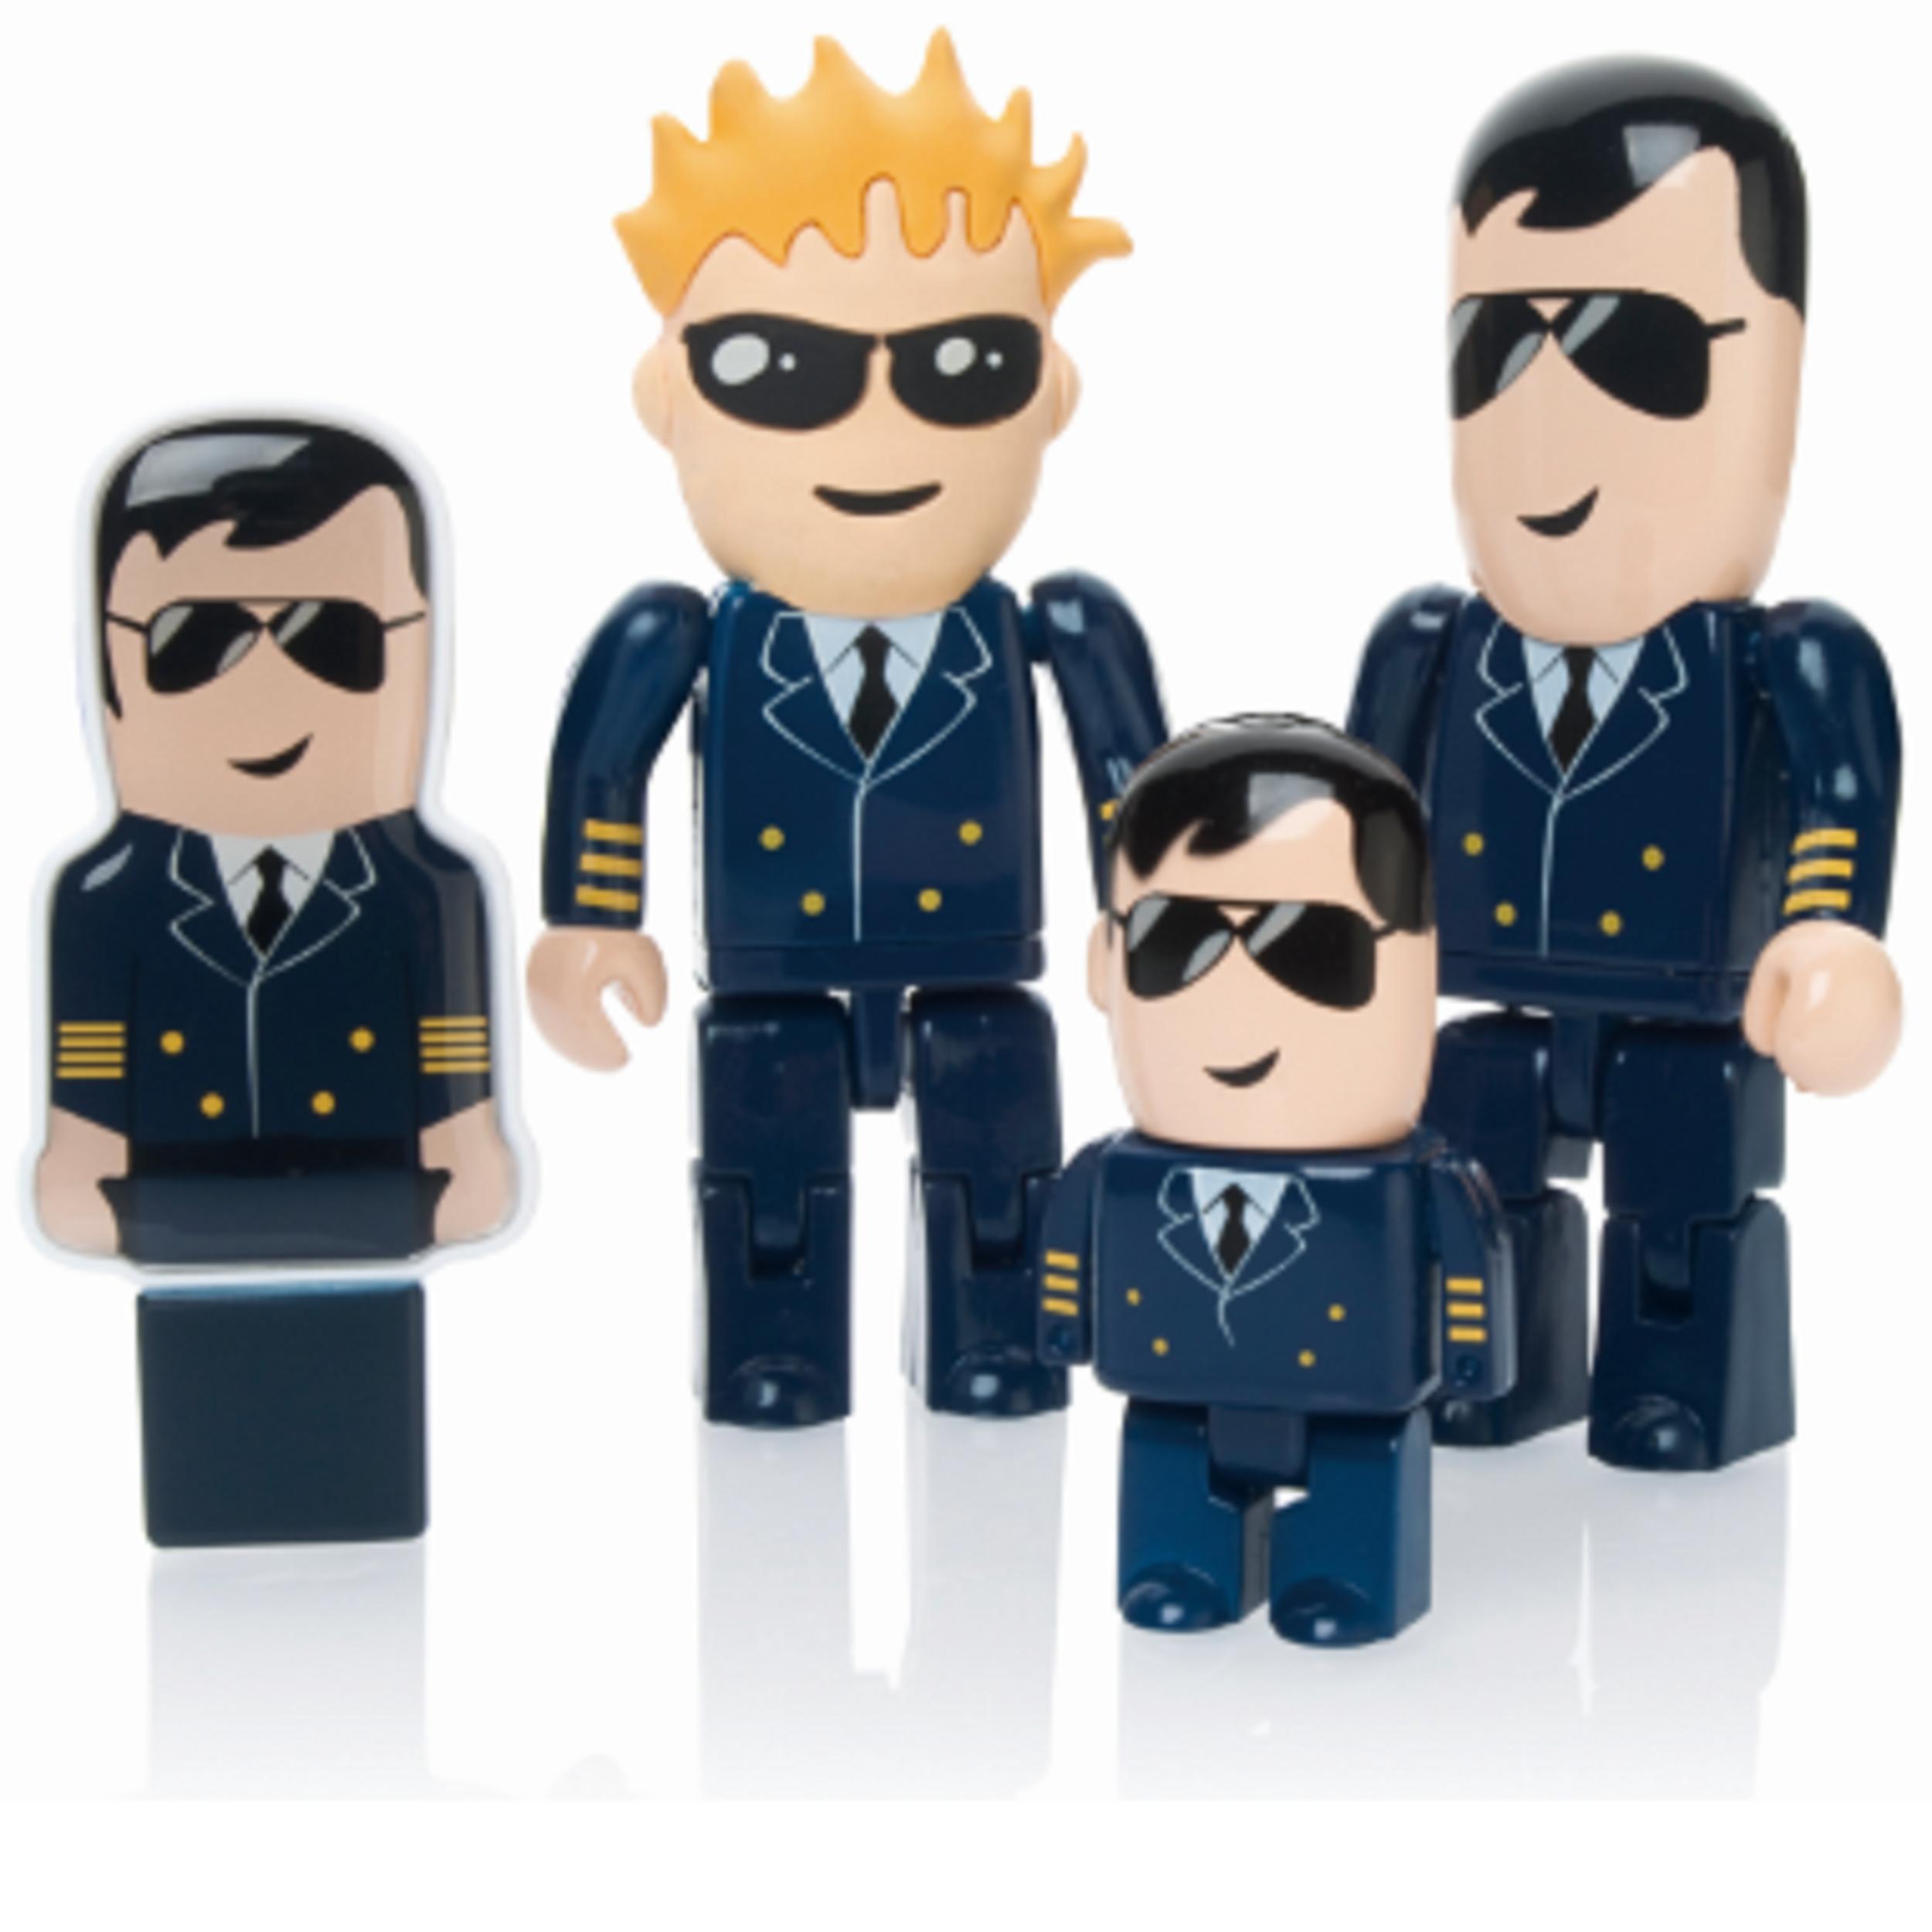 USB-stick piloot steward als relatiegeschenk